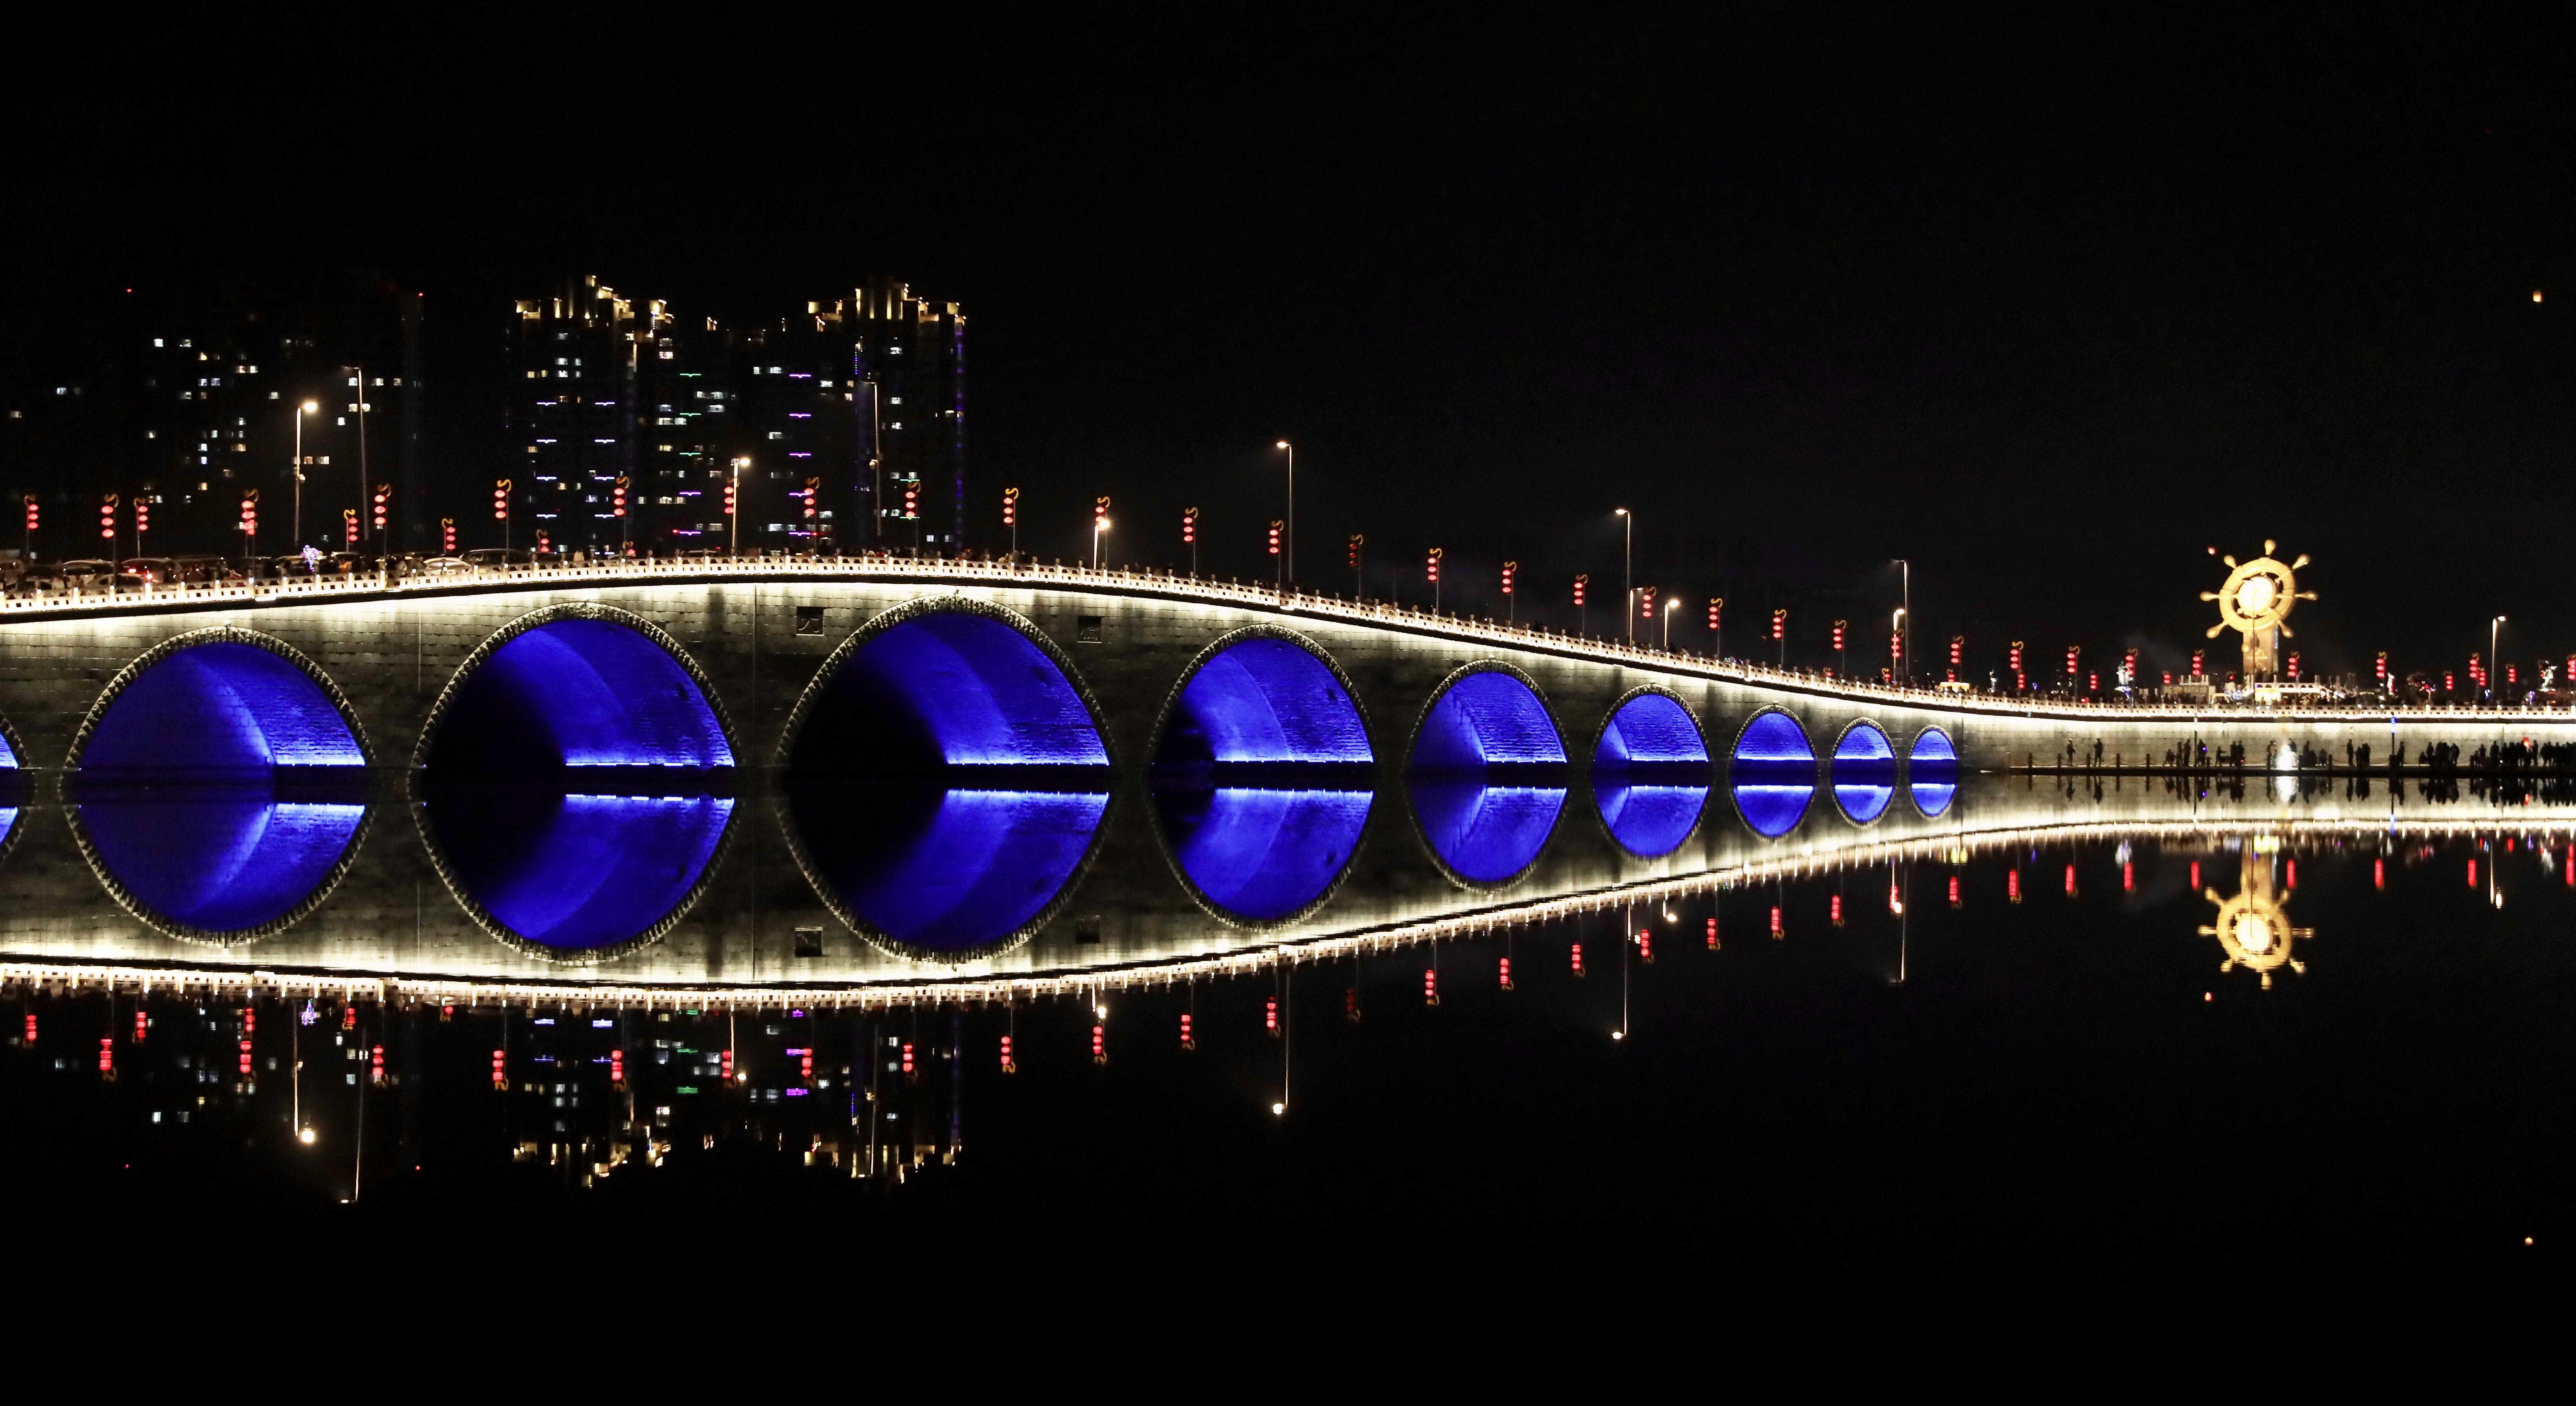 滨州中海:繁光远缀 用灯光温暖这个春节